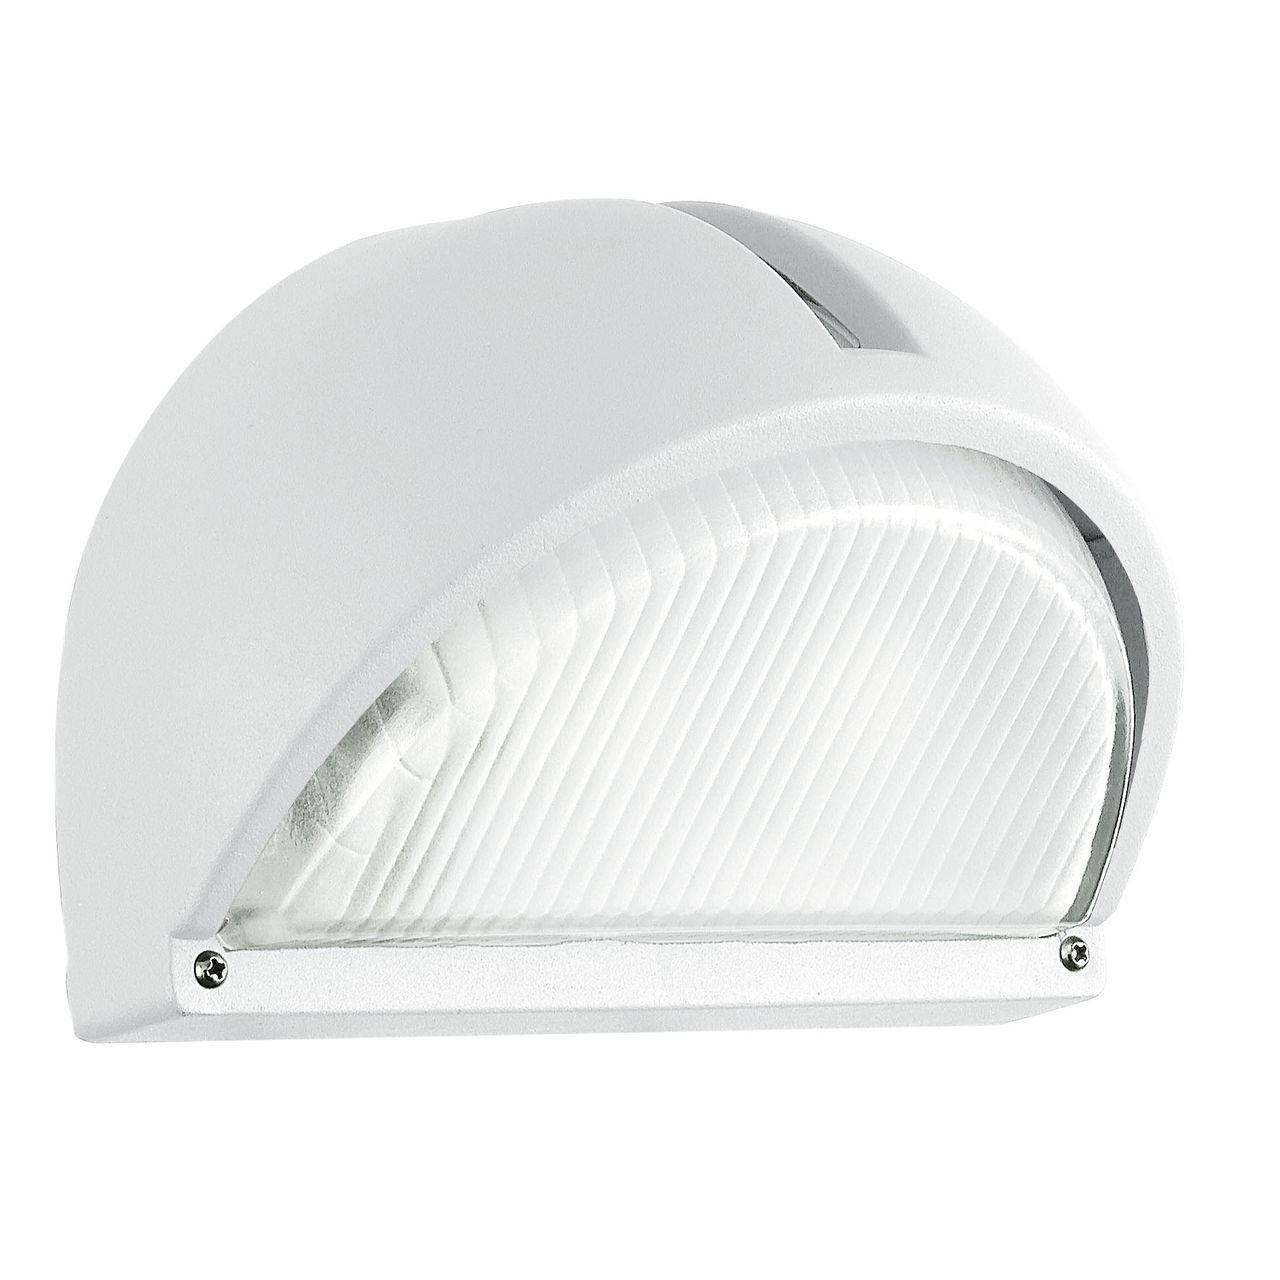 Уличный настенный светильник Eglo Onja 89768 настенно потолочный светильник eglo onja 89768